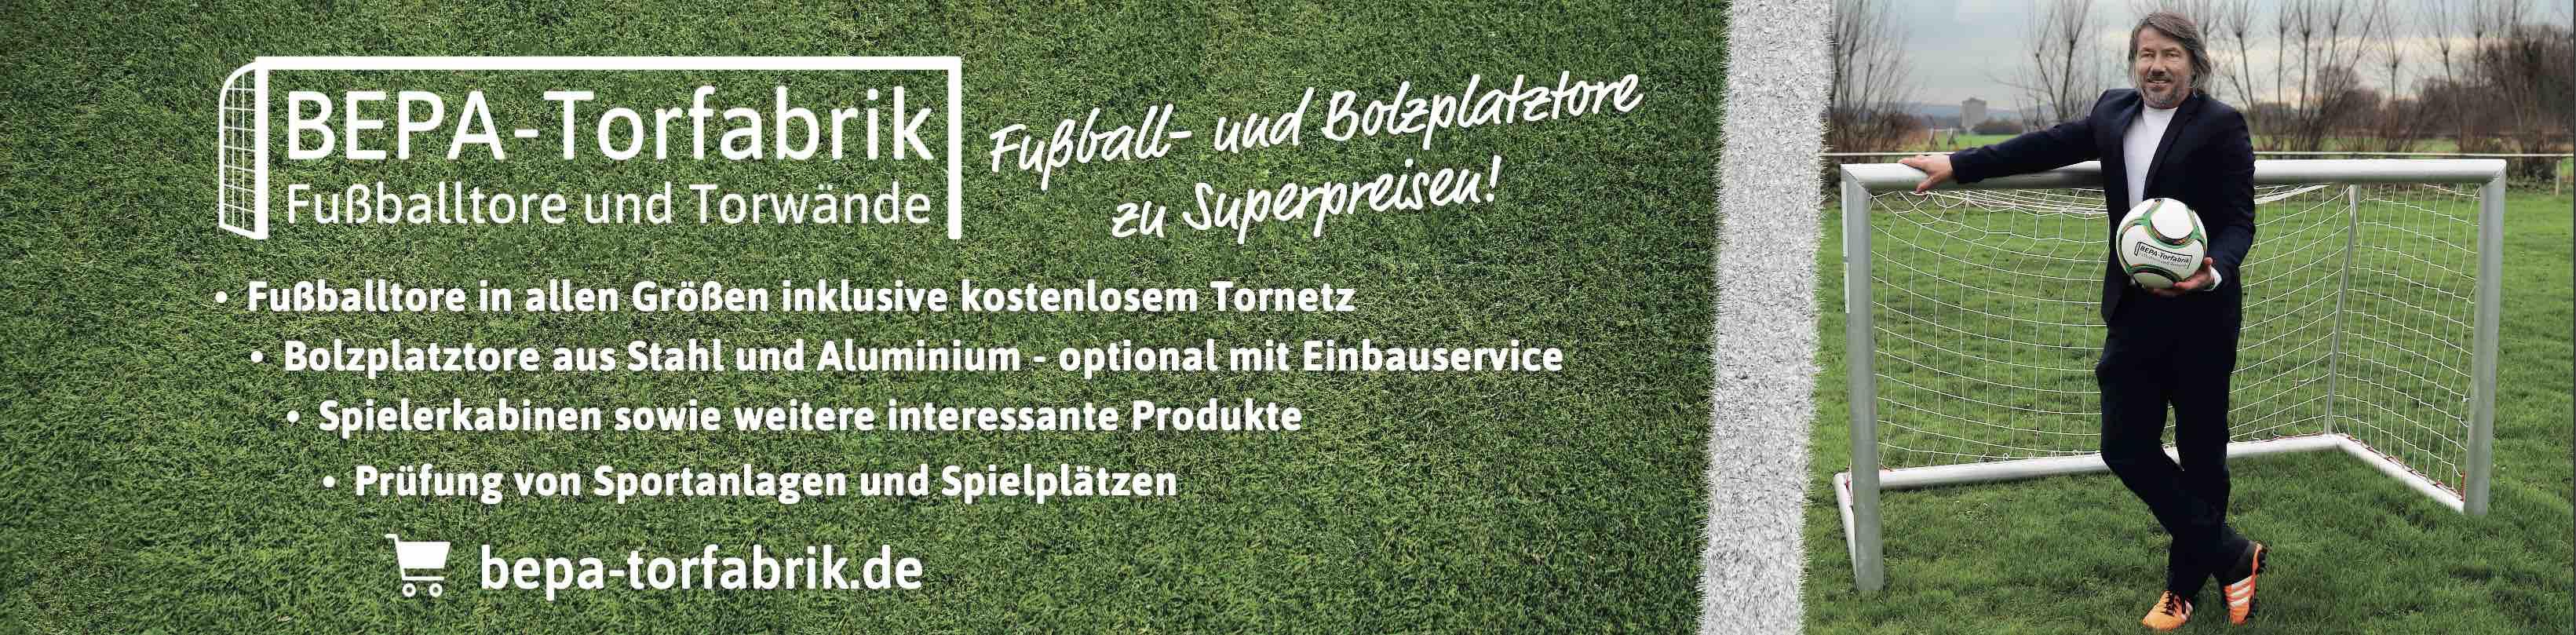 BEPA-Torfabrik - Fußballtore und Torwände - unser Onlineshop für Deutschland